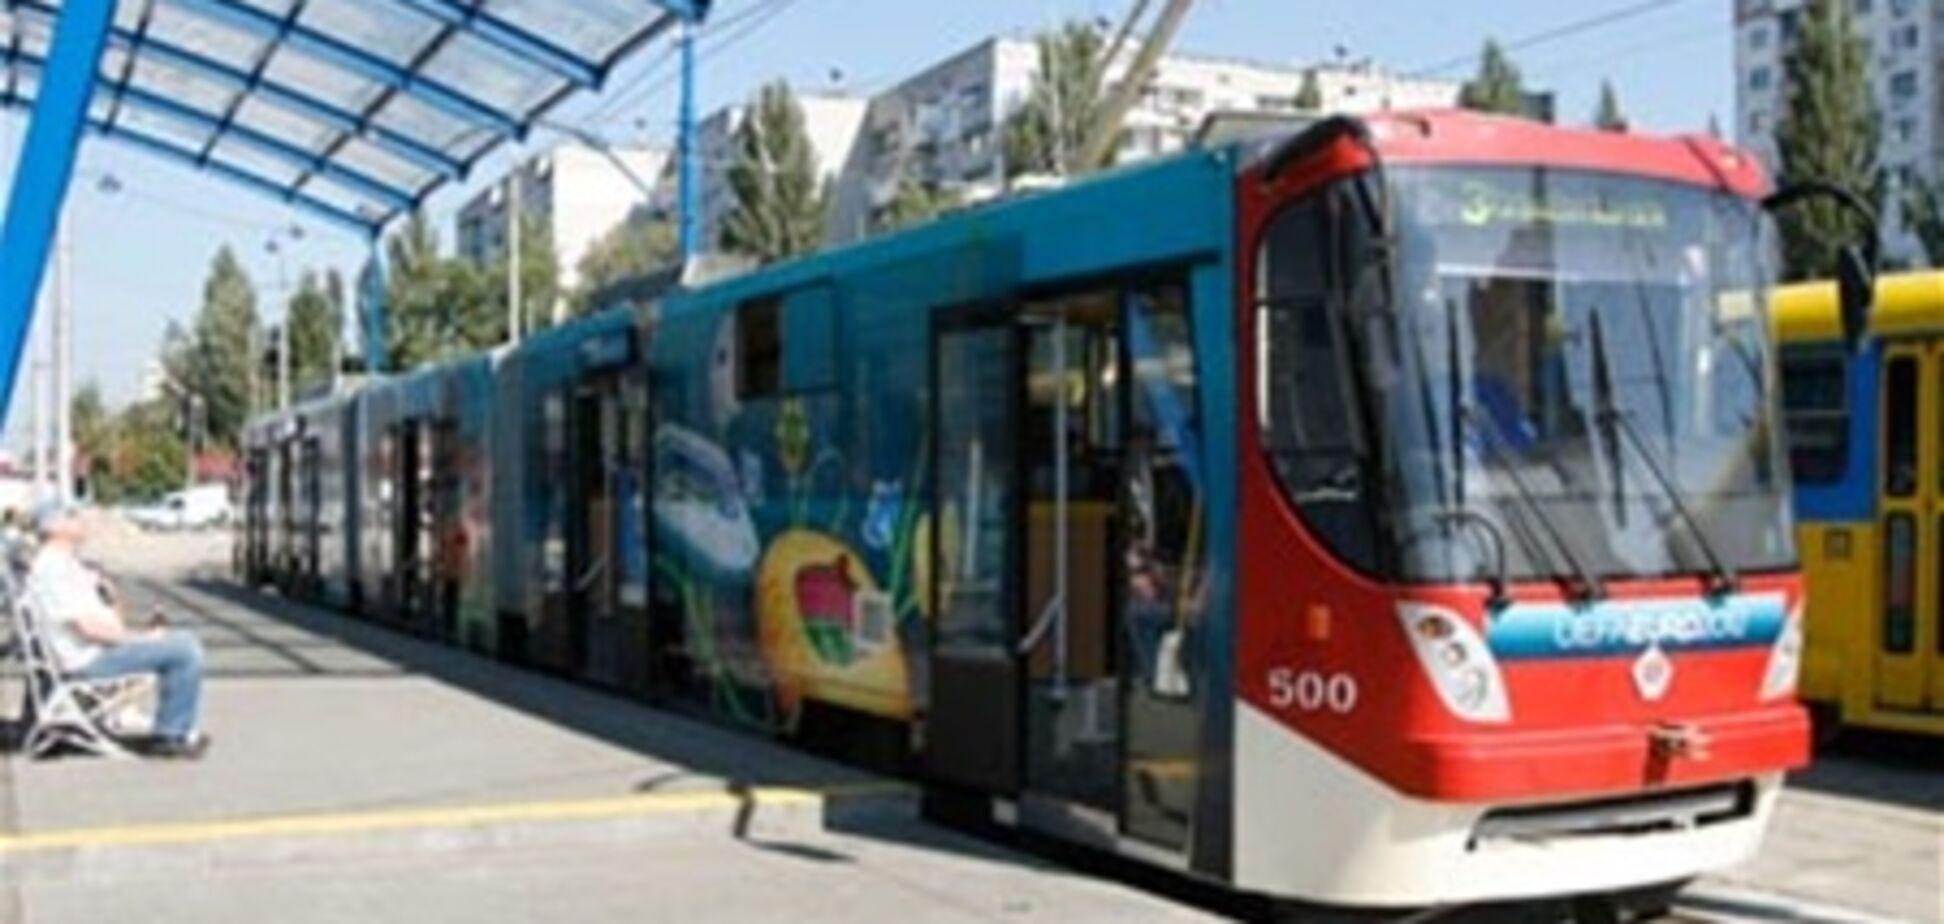 Коммунальный транспорт в Киеве загружен под завязку